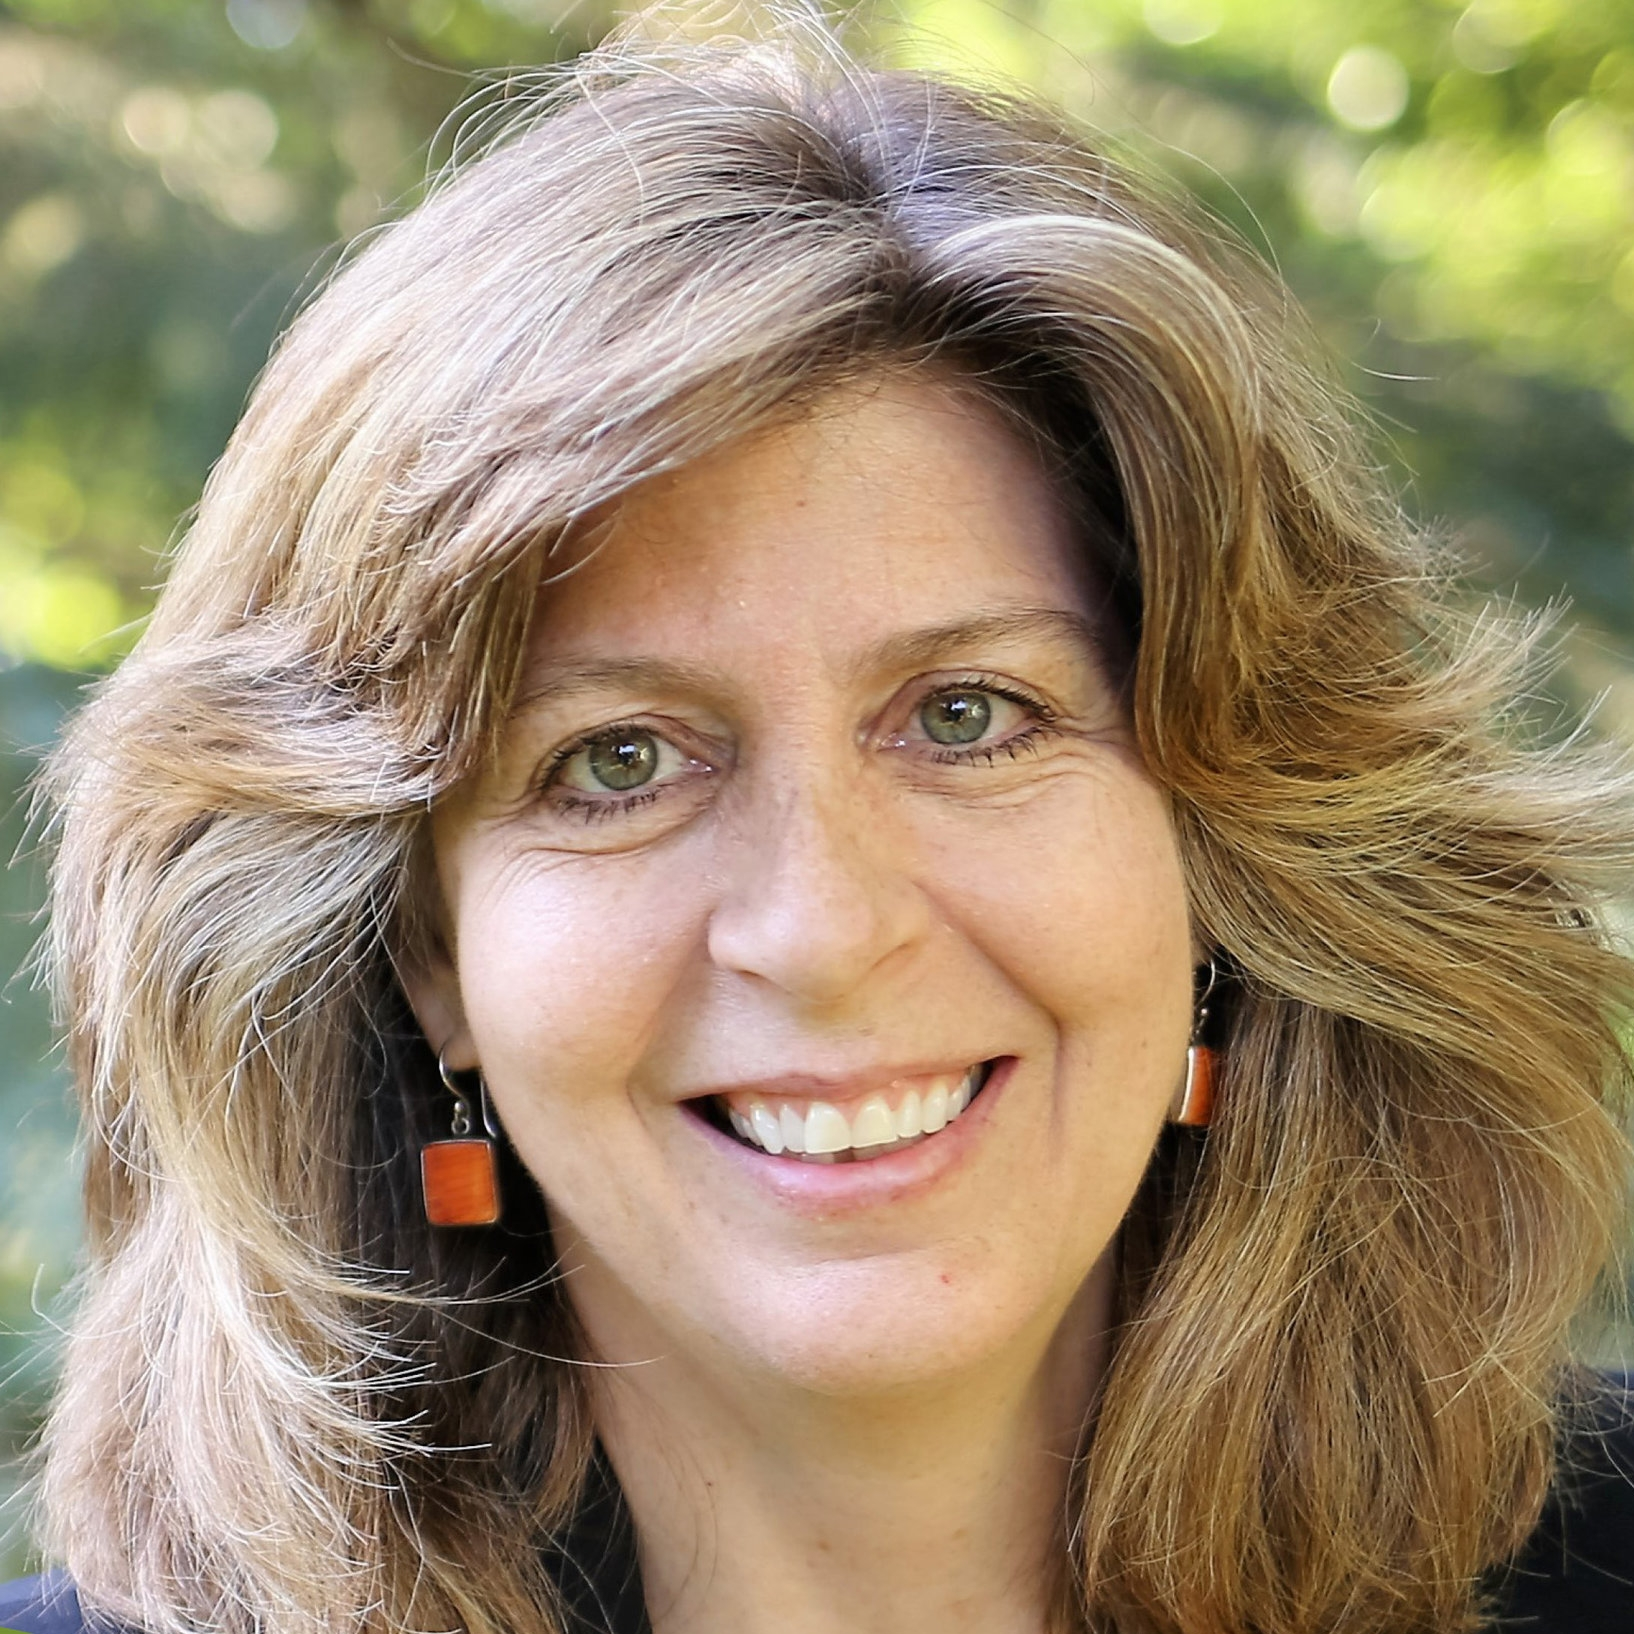 Saint Louis Park Council Member Anne Mavity